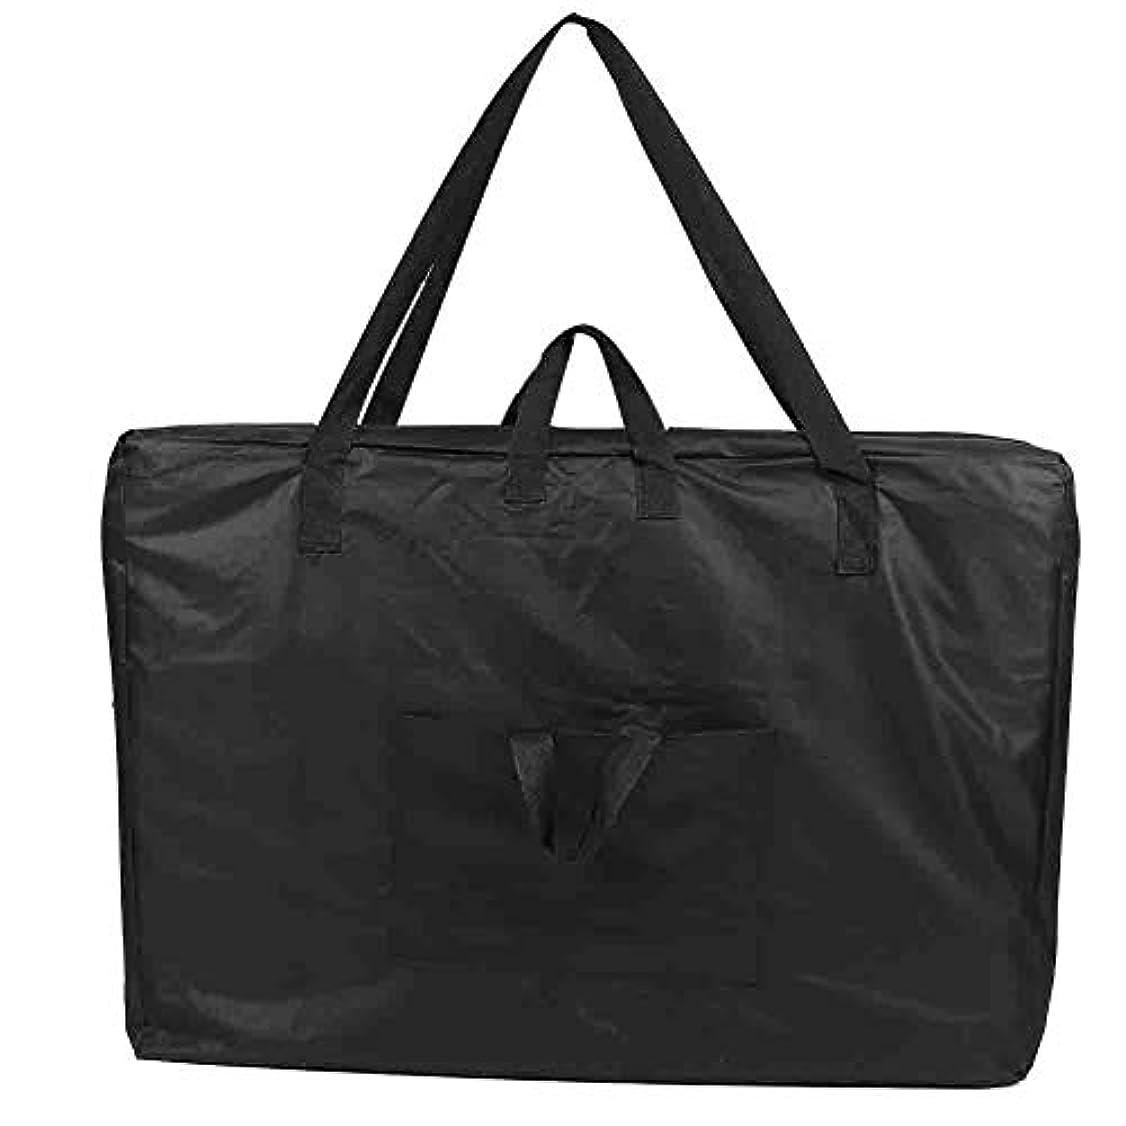 債務者代わりのゴミ箱を空にするlポータブルスパテーブルマッサージベッドキャリングバッグ